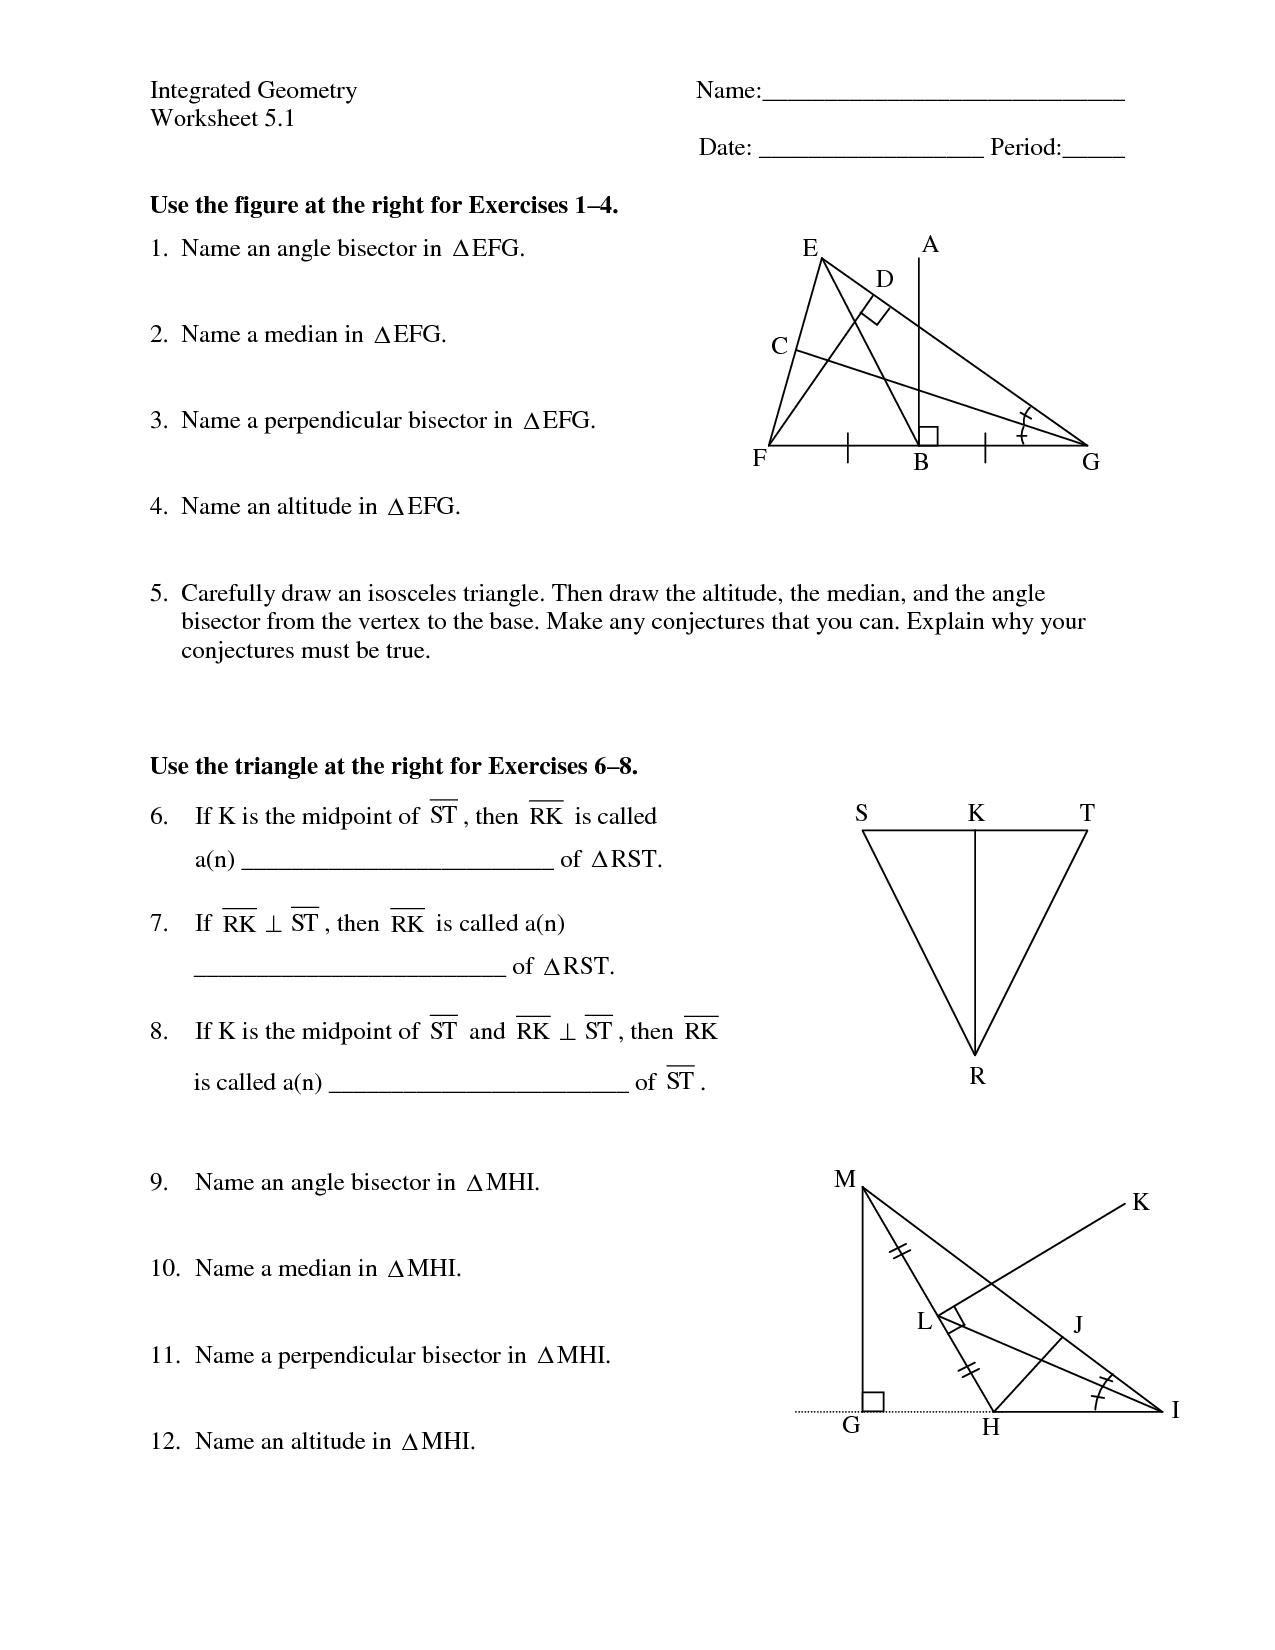 13 Best Images Of Isosceles Triangle Worksheet